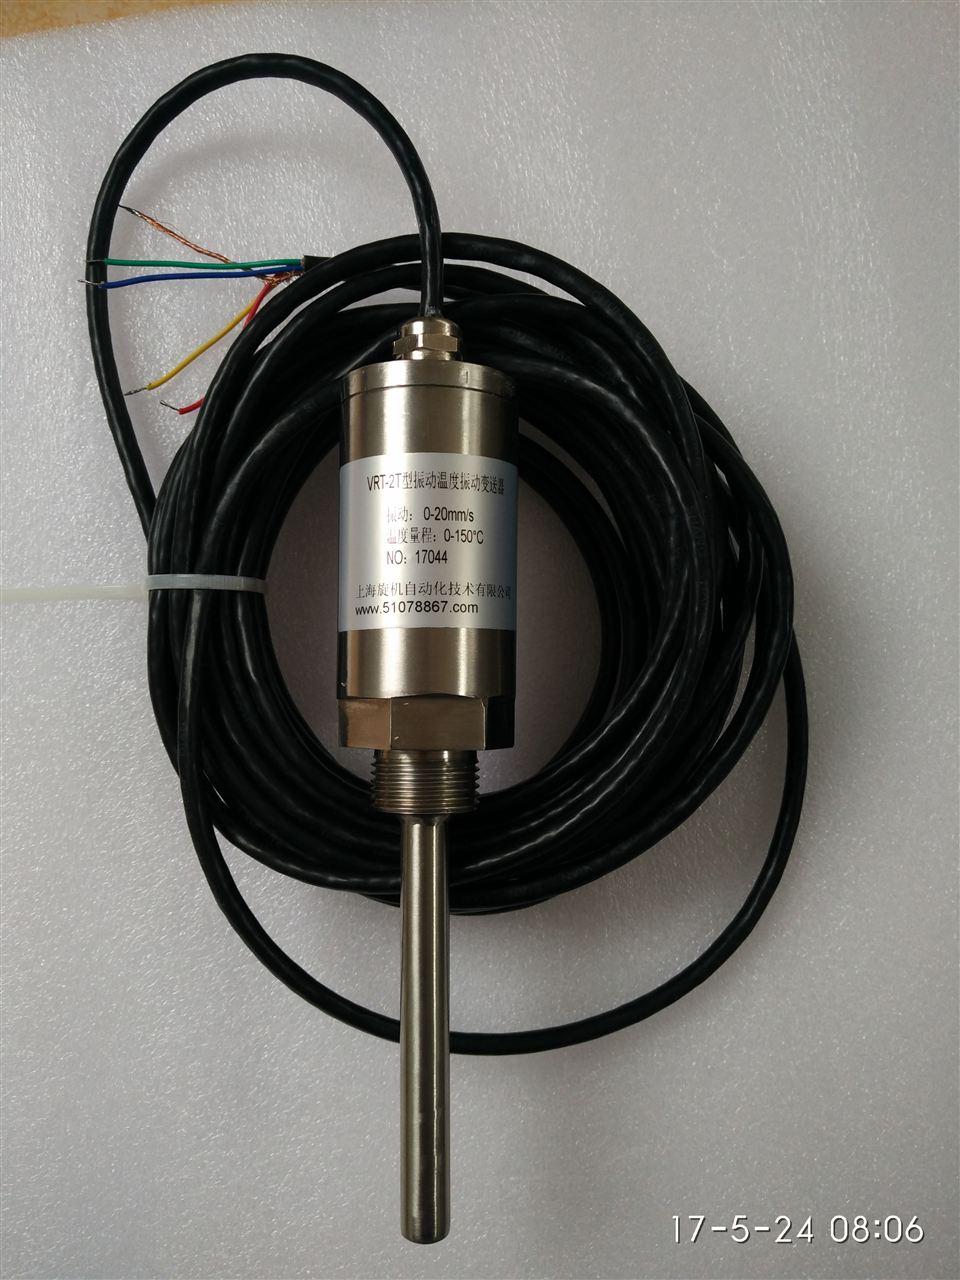 它的两路4~20ma输出信号分别与被测物体振动速度的真有效值(烈度)和